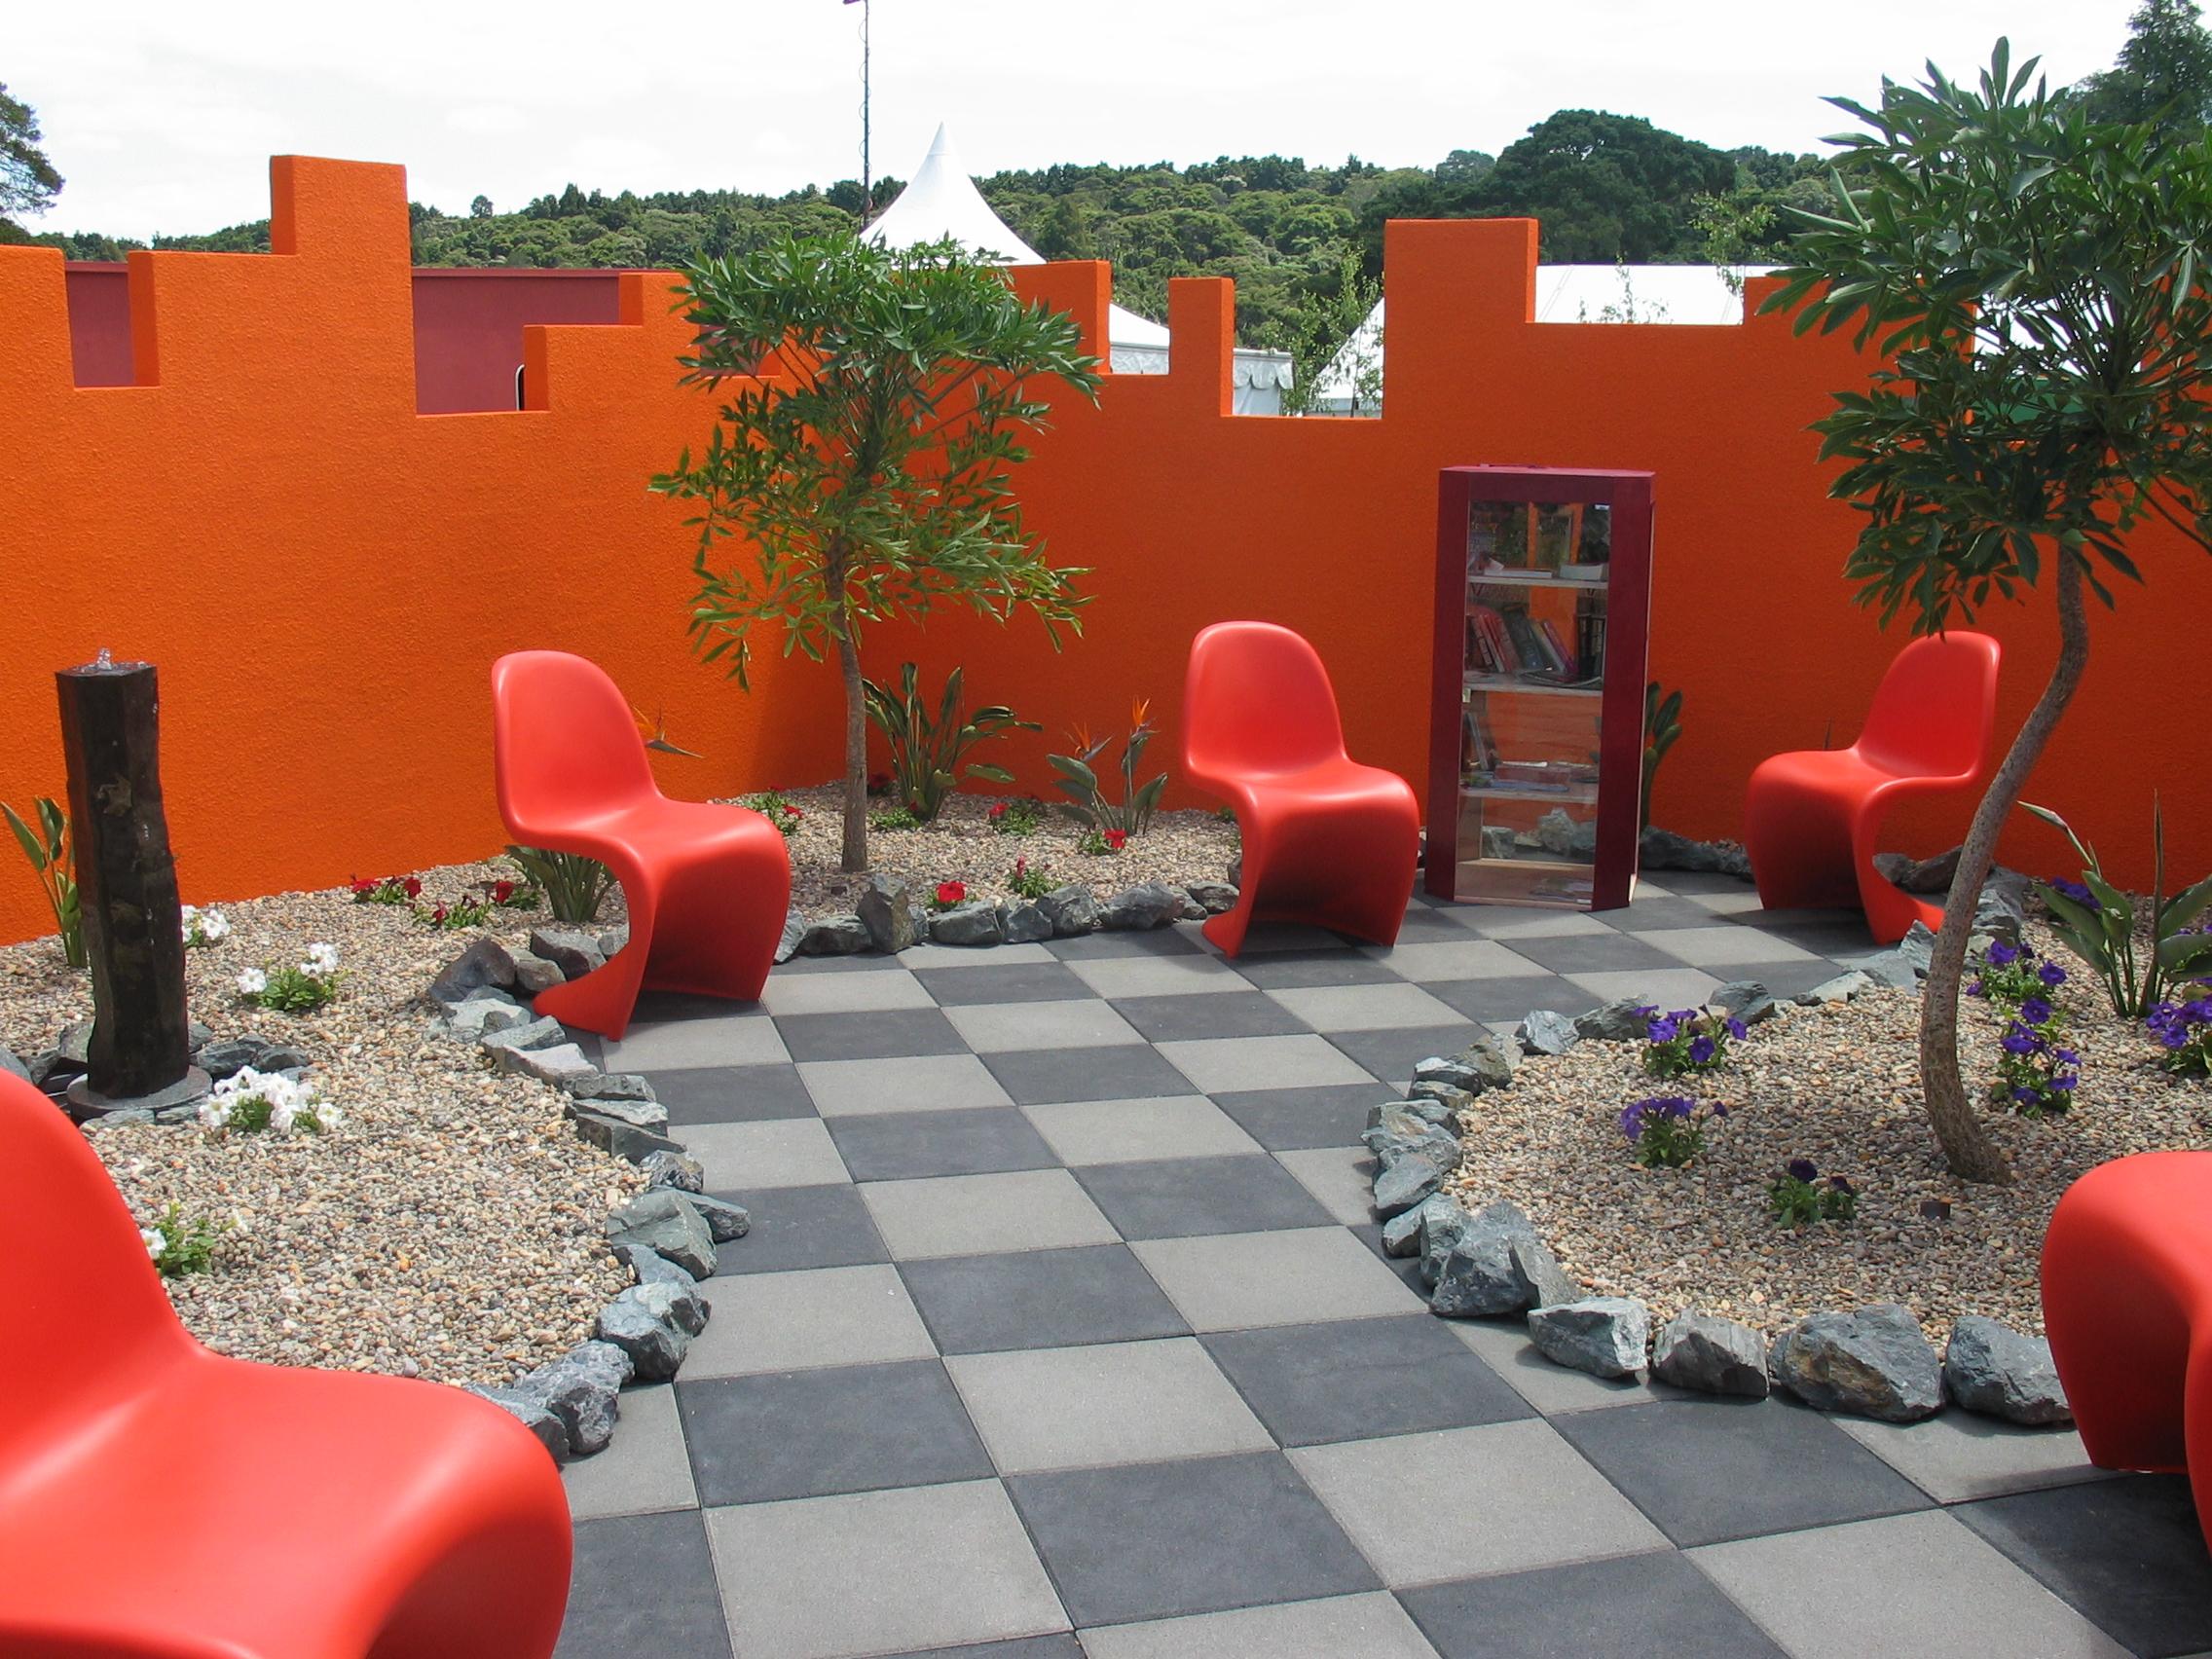 File:Modern garden at Ellerslie Flower Show.jpg - Wikimedia Commons